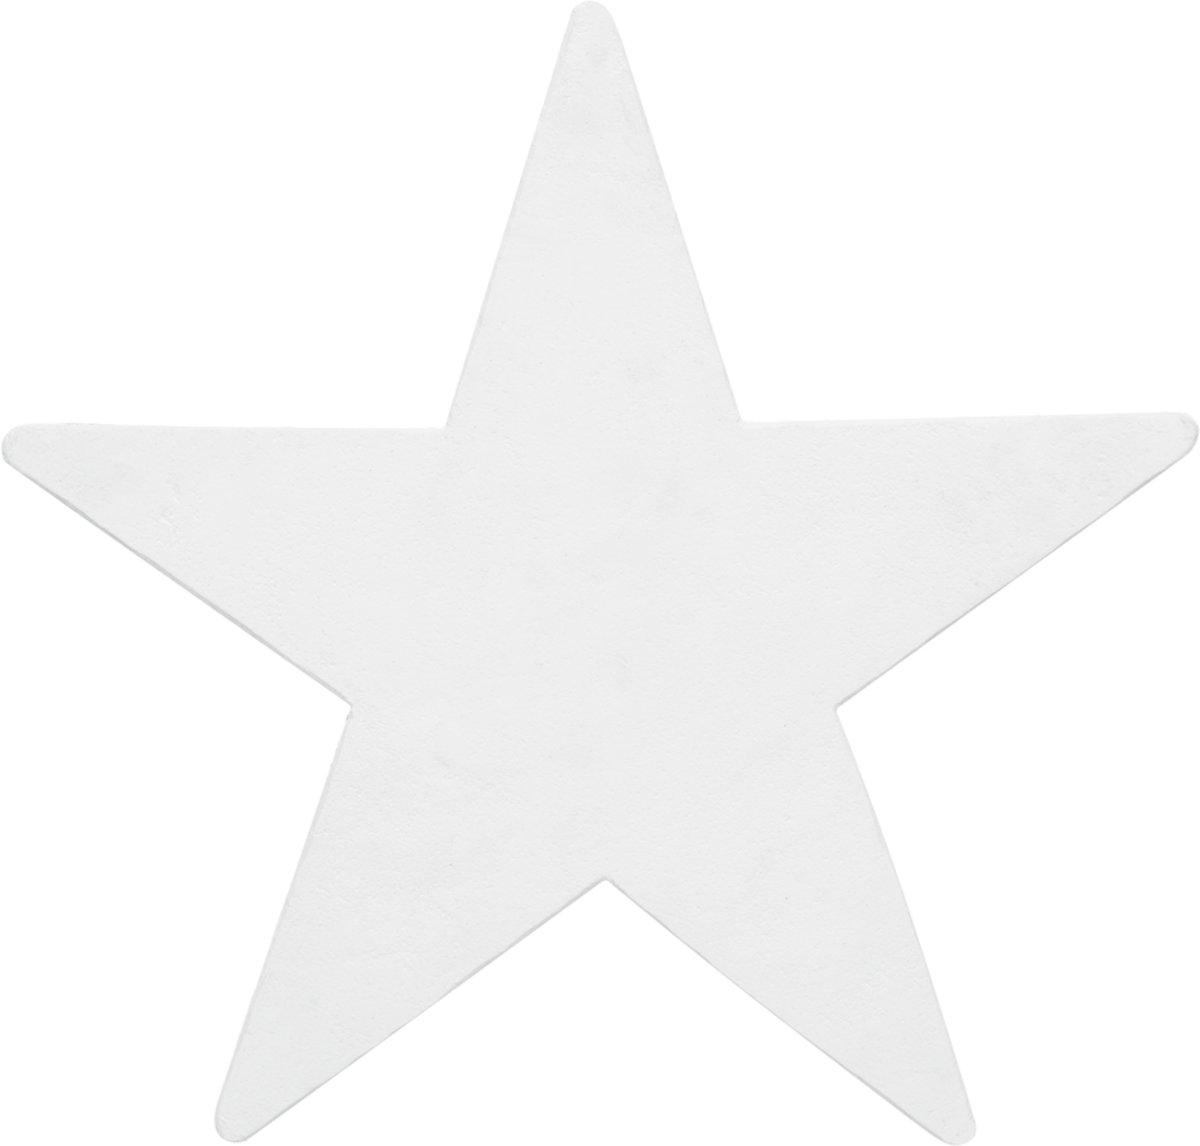 Europalms Silhouette Star, white, 58cm kopen